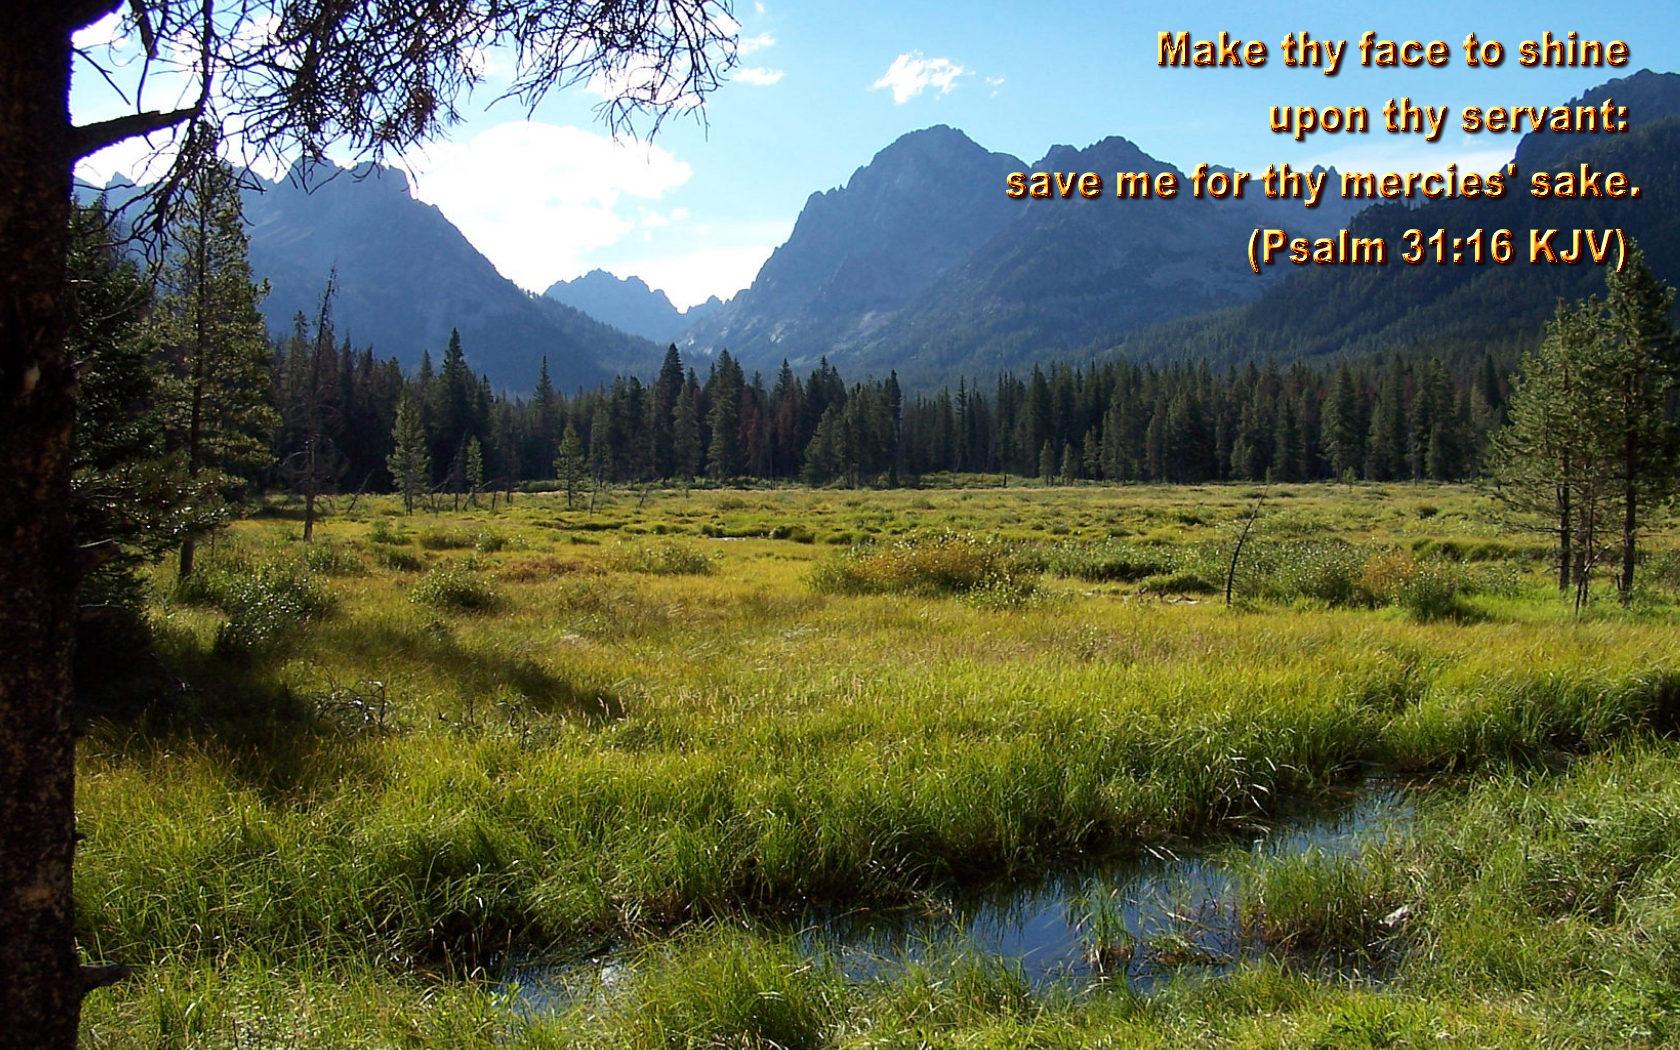 claude meurer Spring with Bible Verses 11 1680x1050